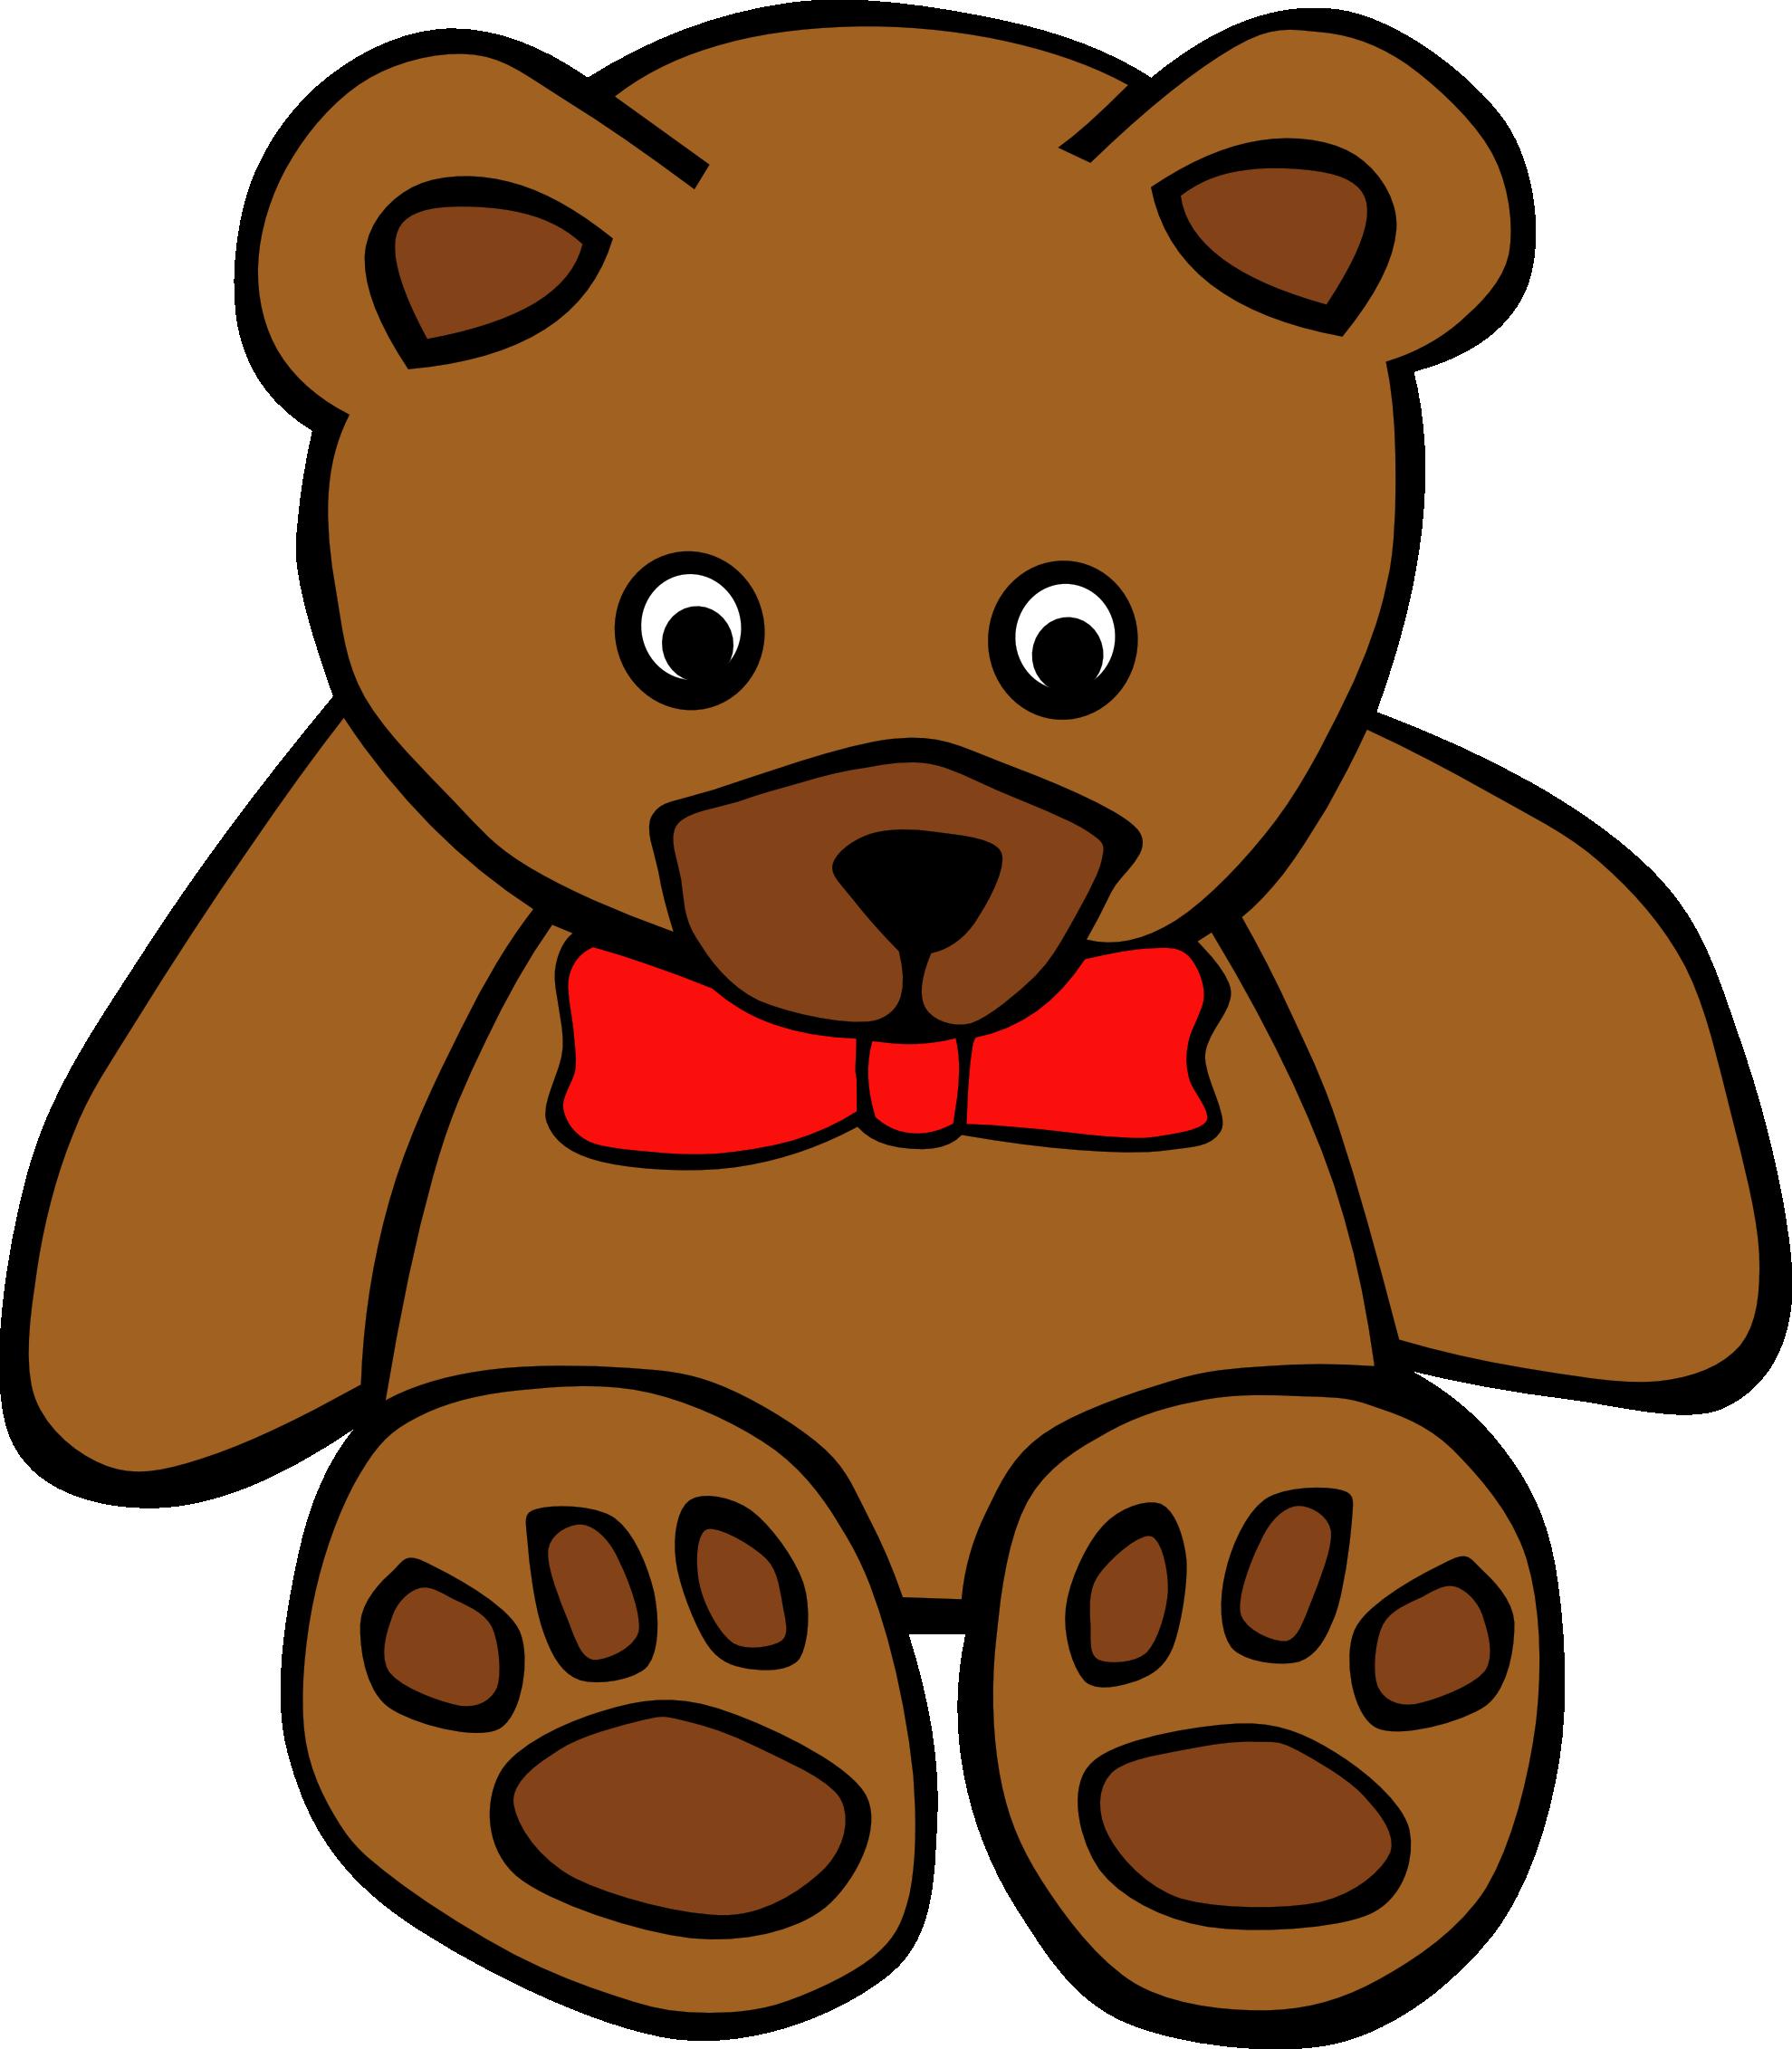 Cartoon Teddy Bear Clipart.